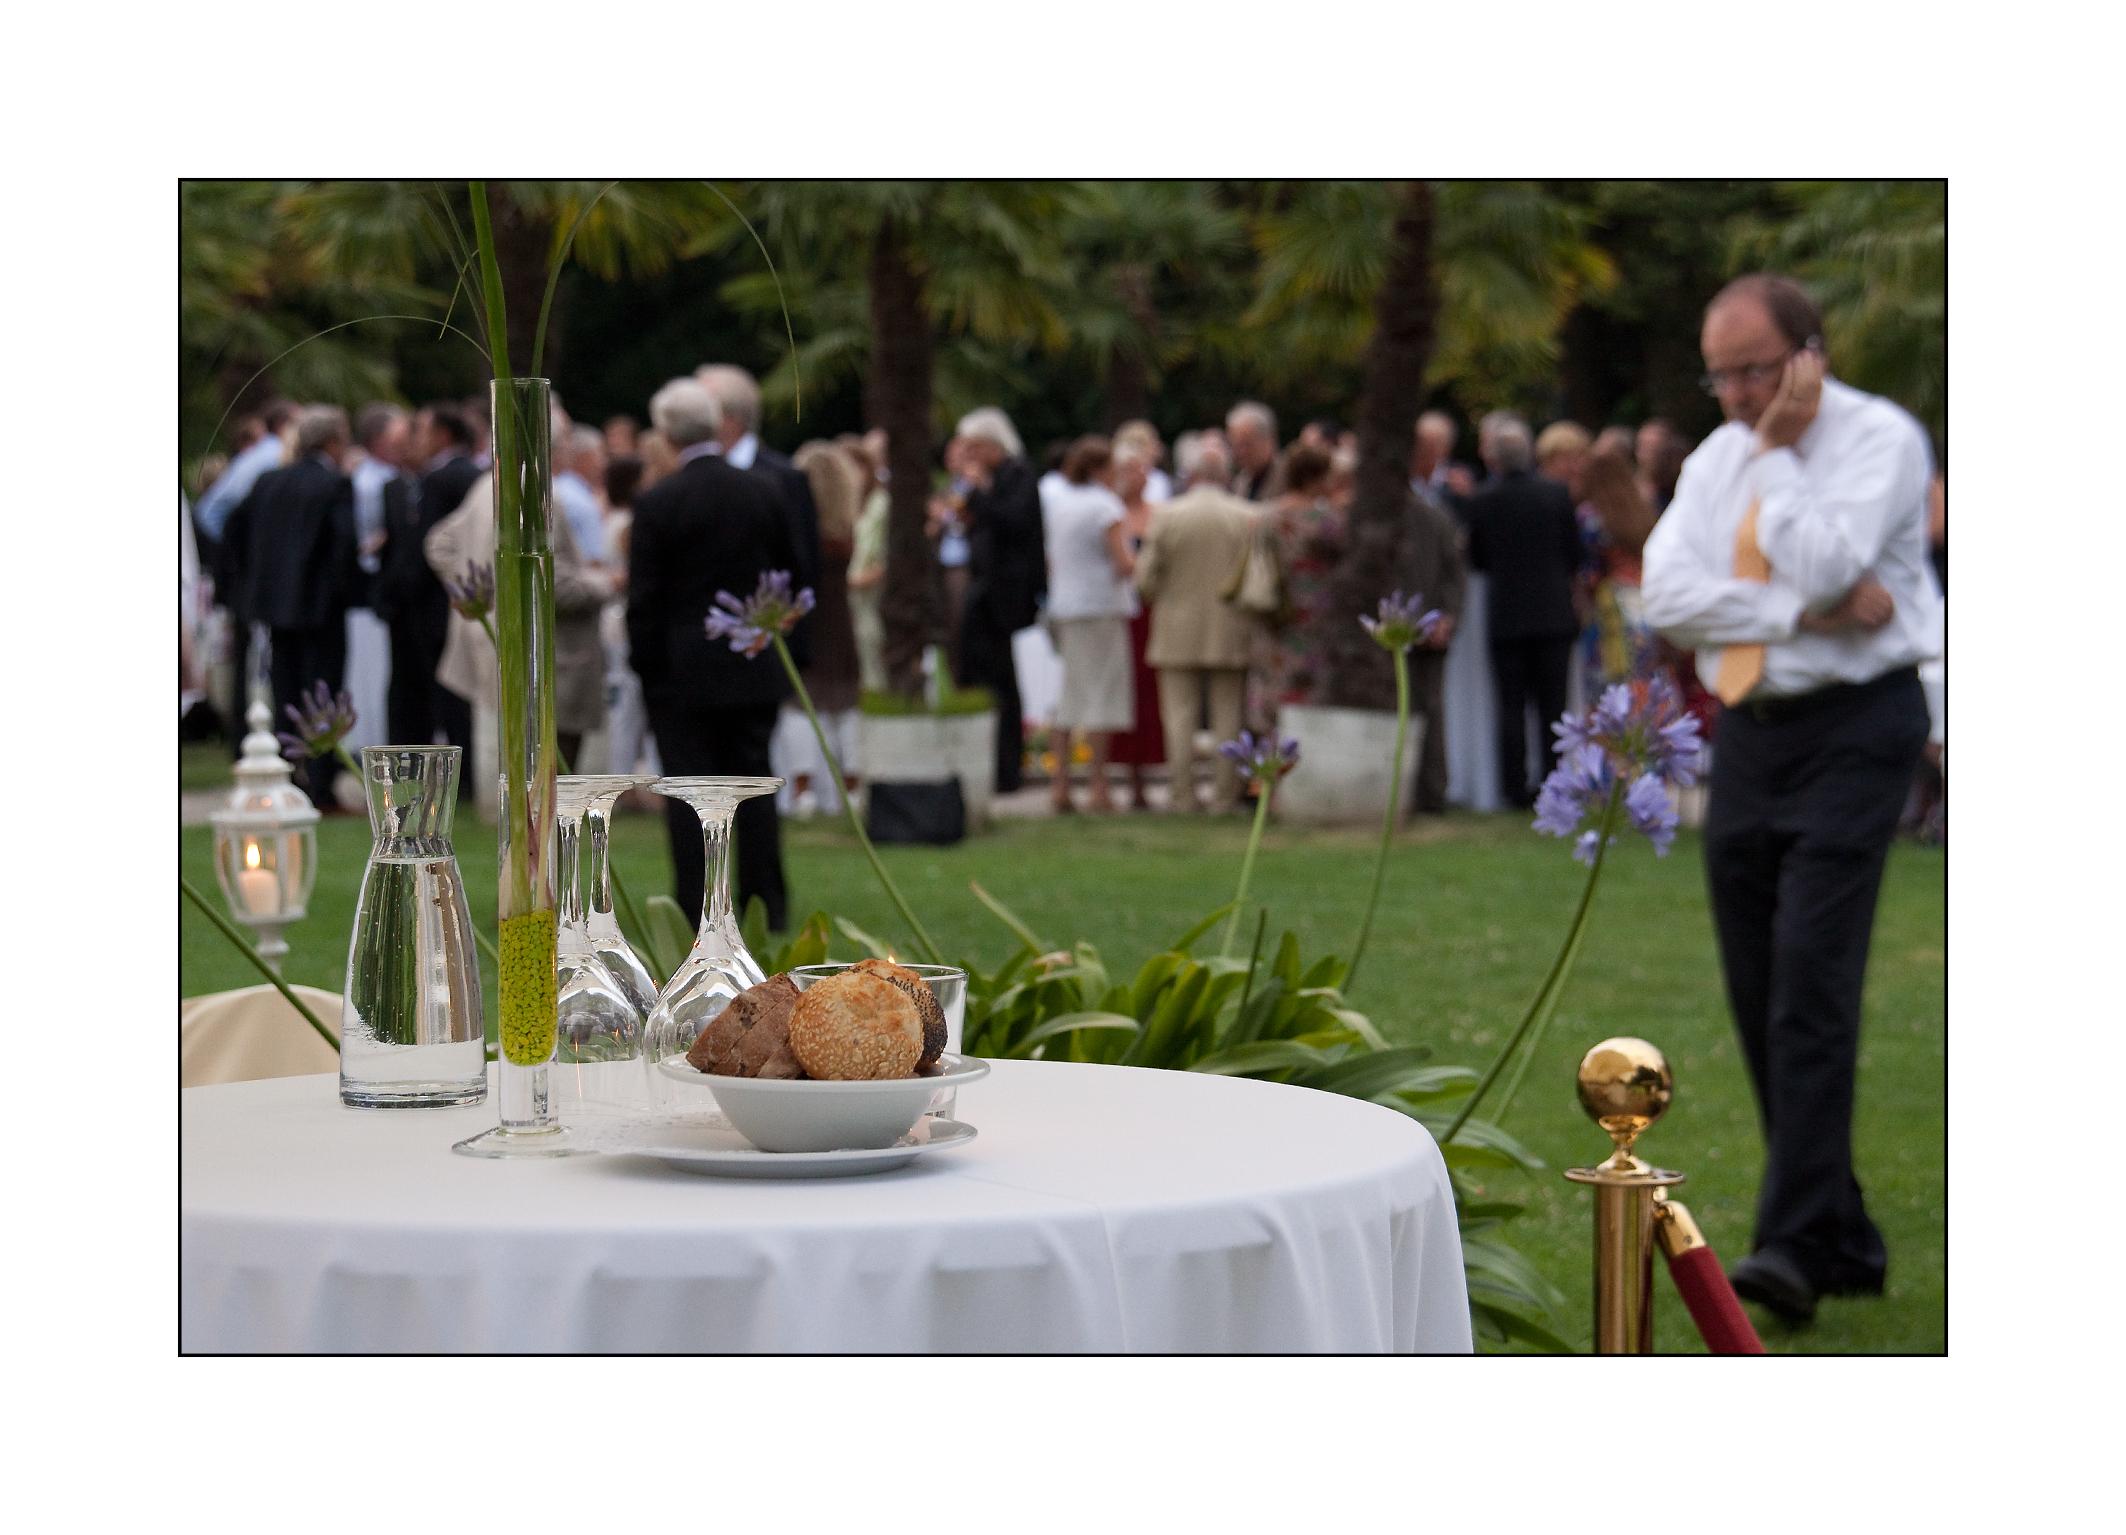 Sommerfest, Schlosscafé im Palmenhaus